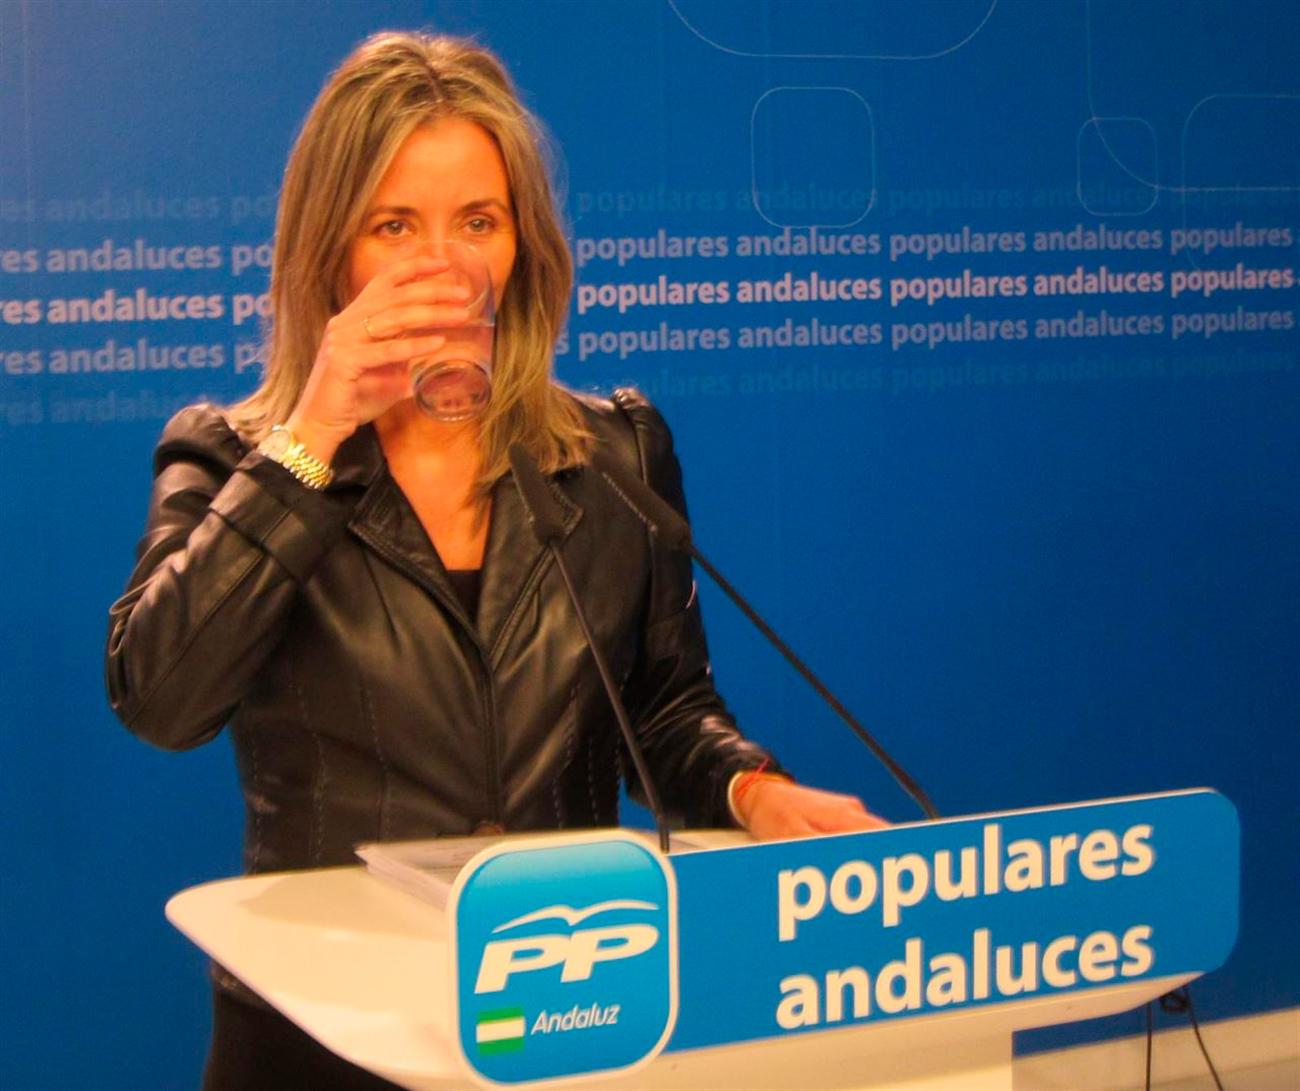 El PP andaluz se unió a la campaña de difamación de Ausbanc y Manos Limpias contra FACUA y su portavoz